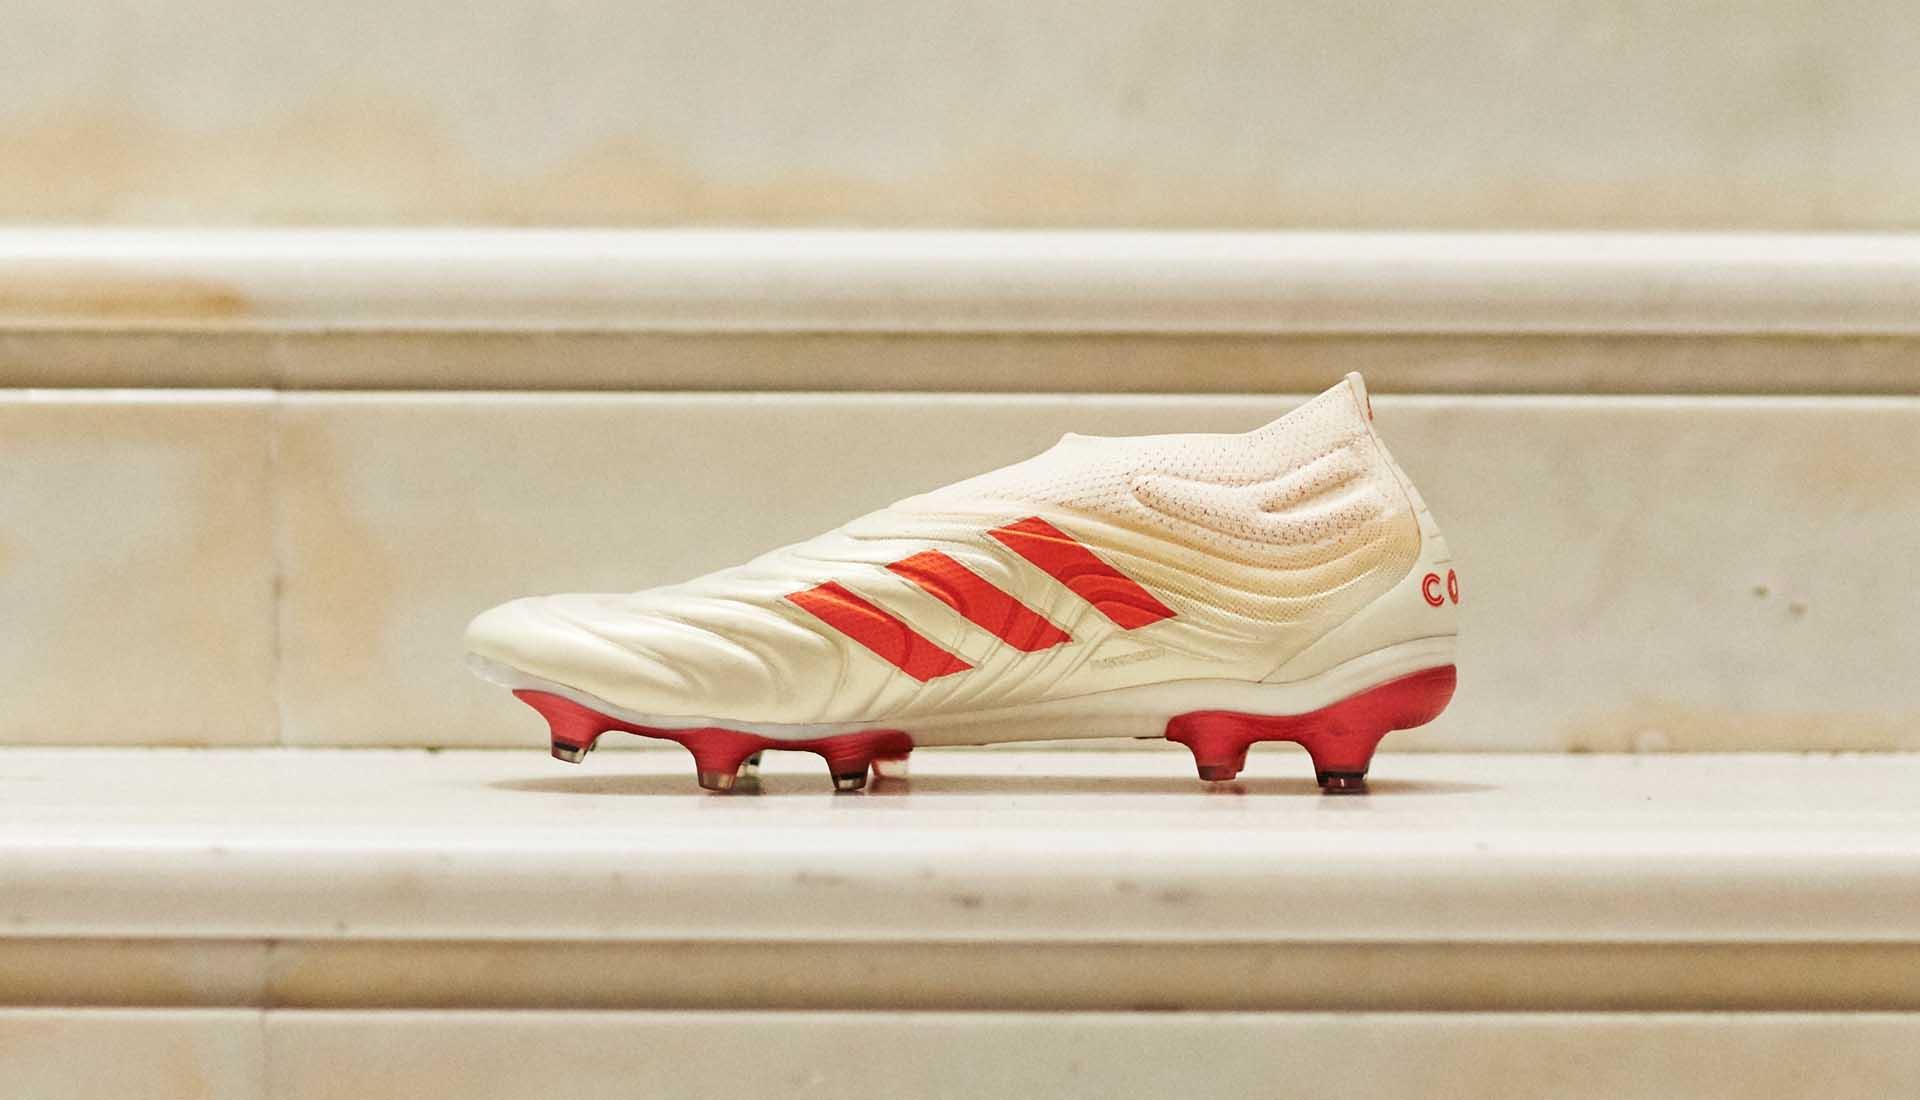 Mød den nye adidas Copa 19+ │ Den moderne læderstøvle 2